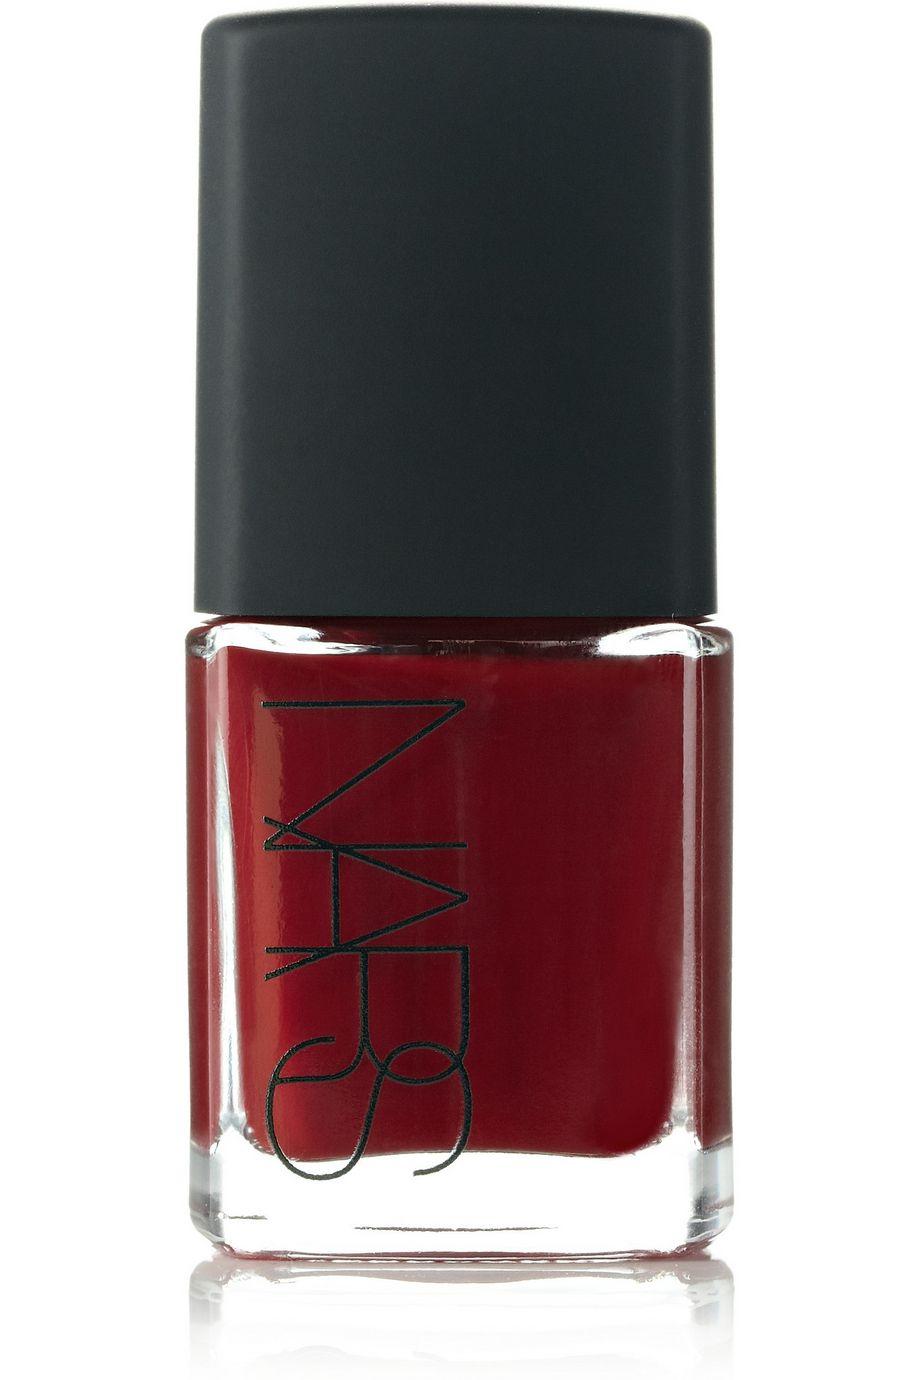 NARS Nail Polish - Jungle Red